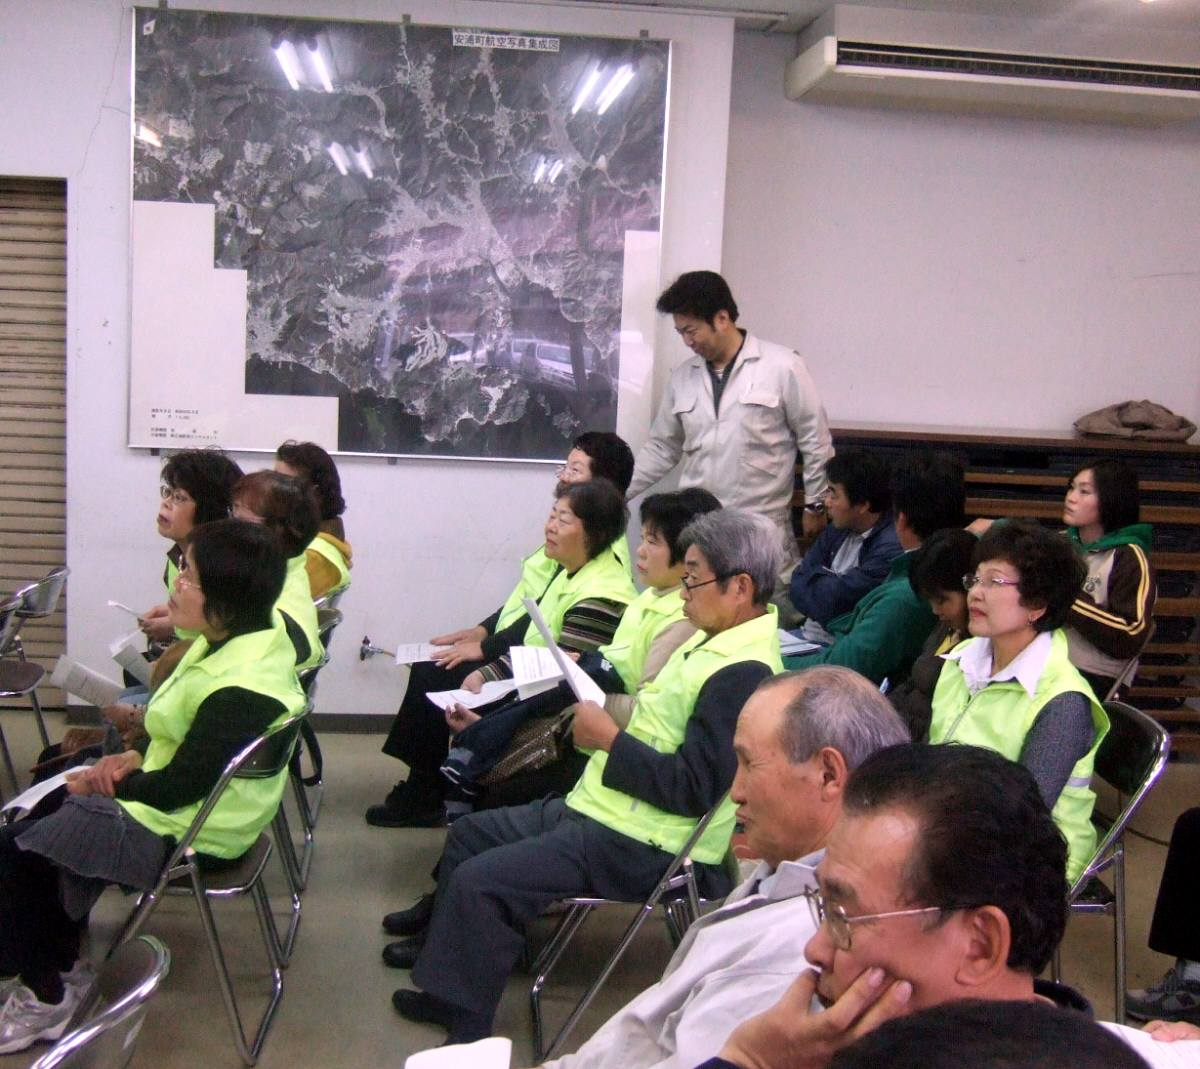 安浦町まちづくり活動事業助成報告会_e0175370_1335171.jpg